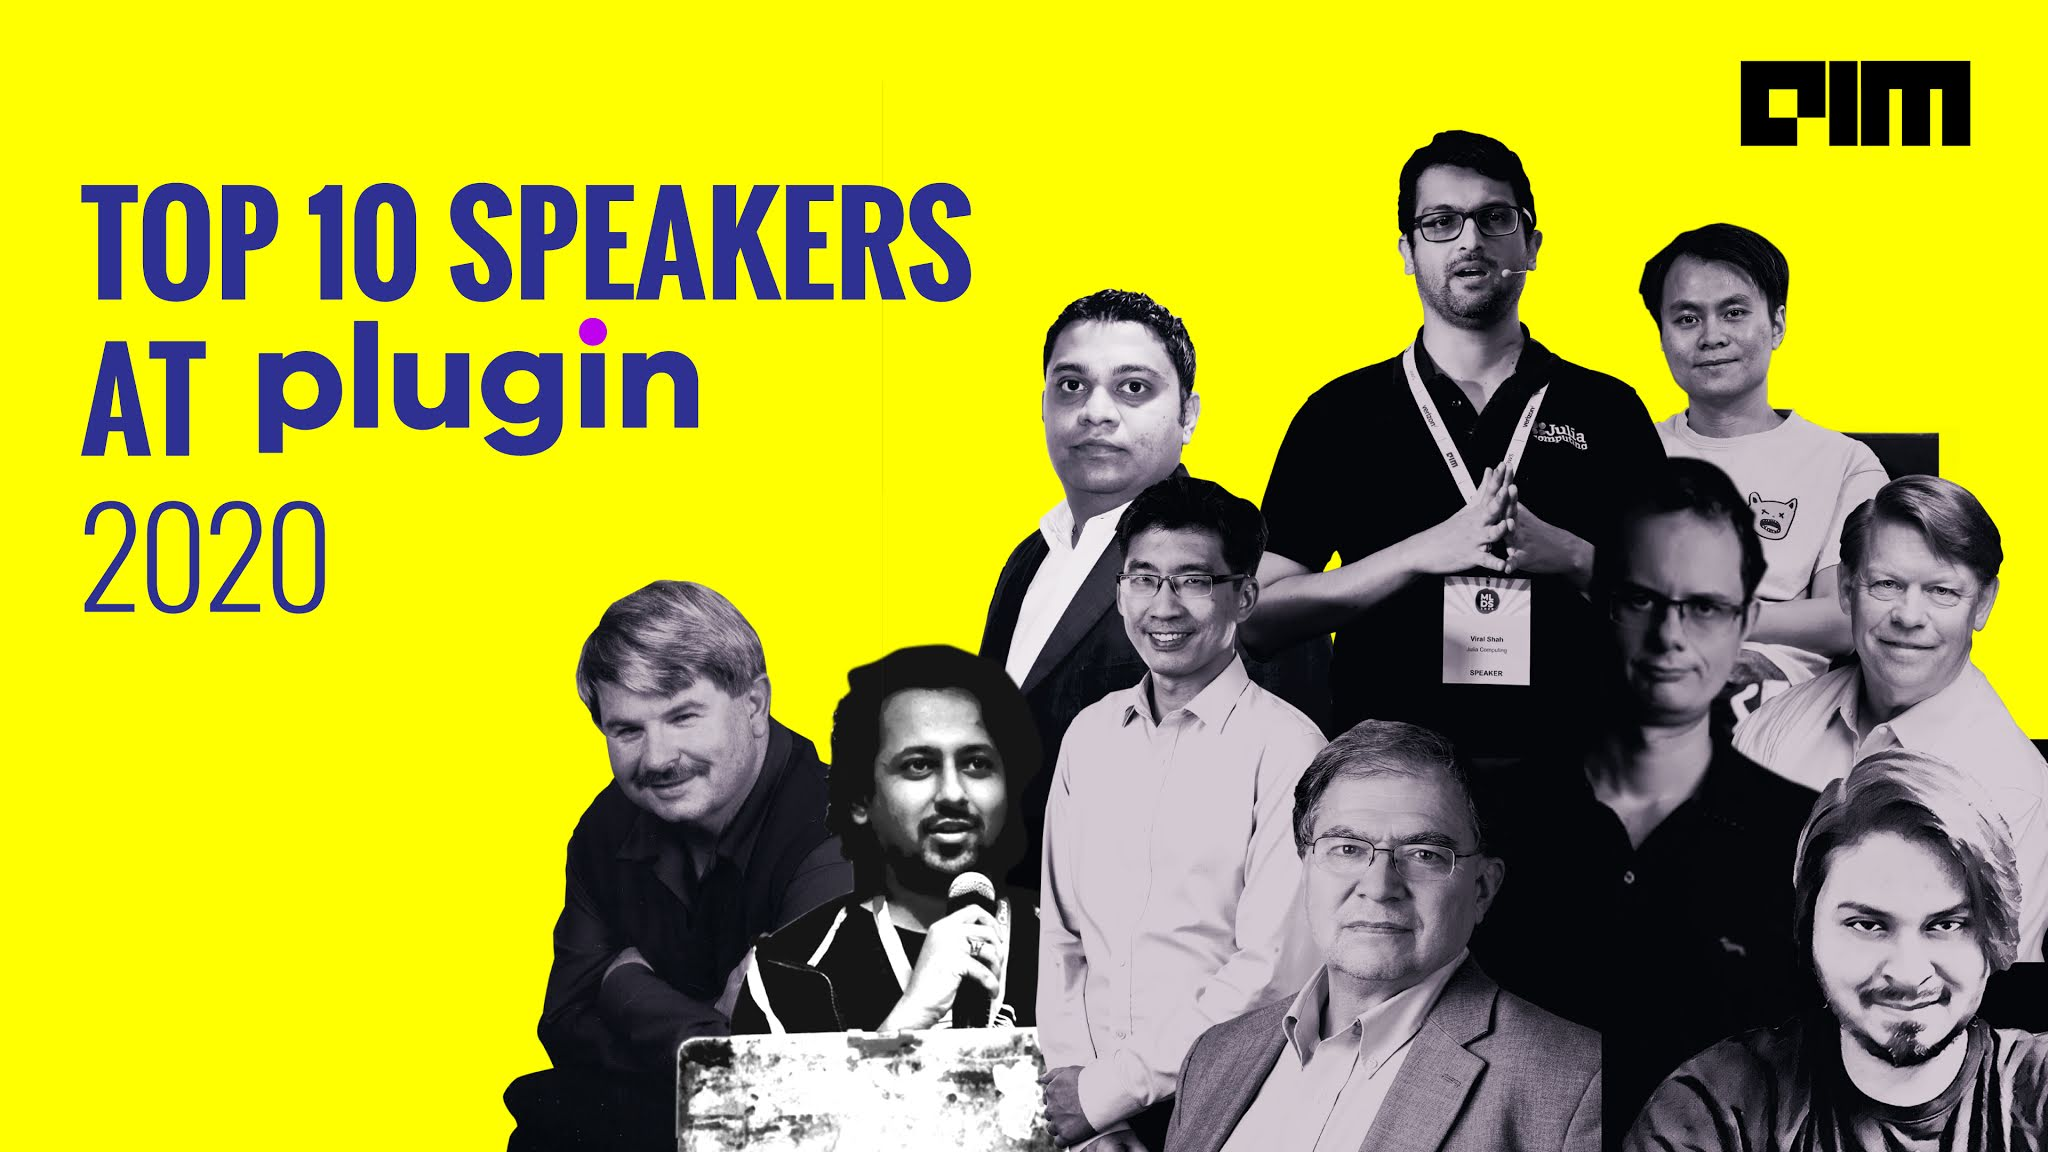 Top 10 Speakers At Plugin 2020